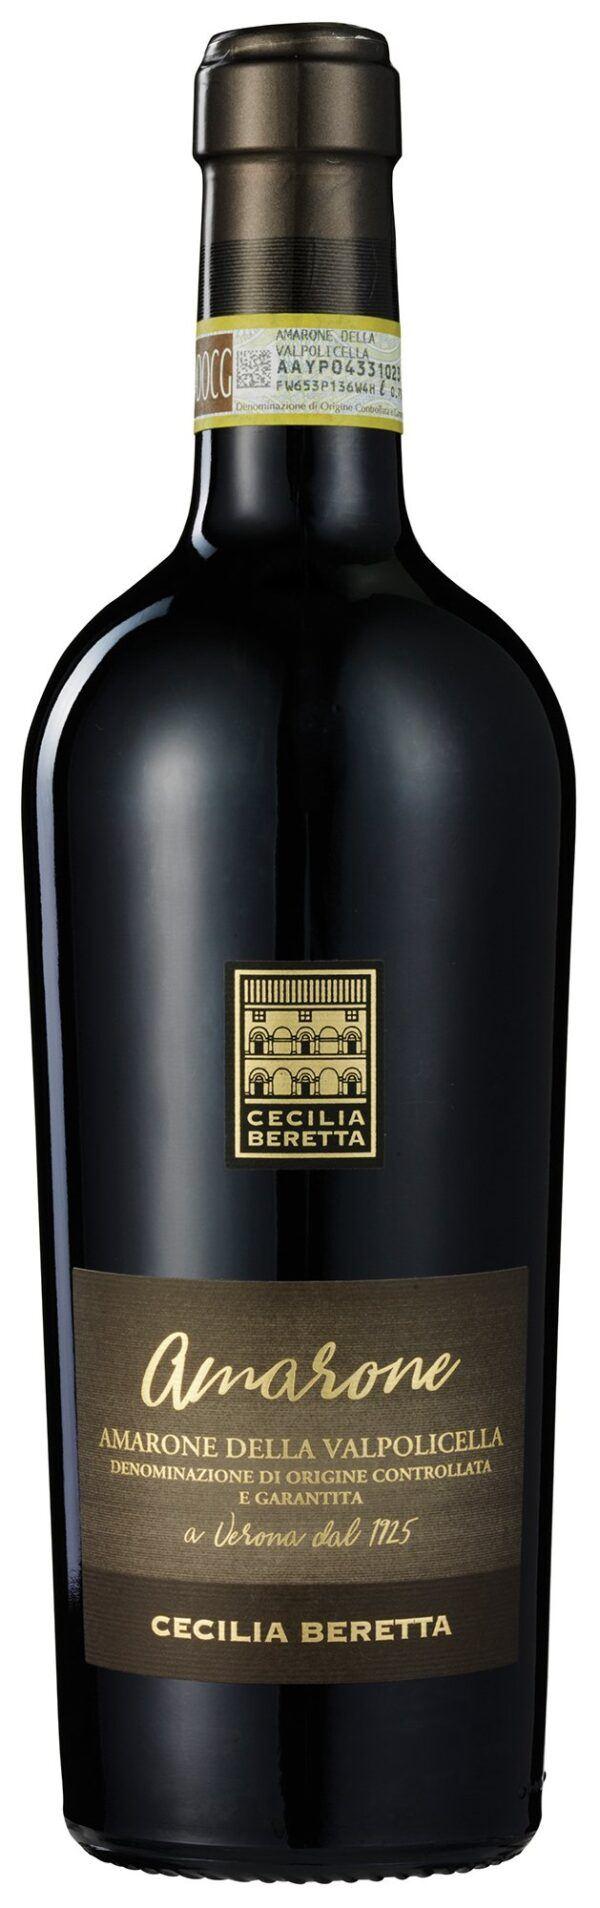 Cecilia Beretta, Amarone della Valpolicella 2014 0,75 ltr